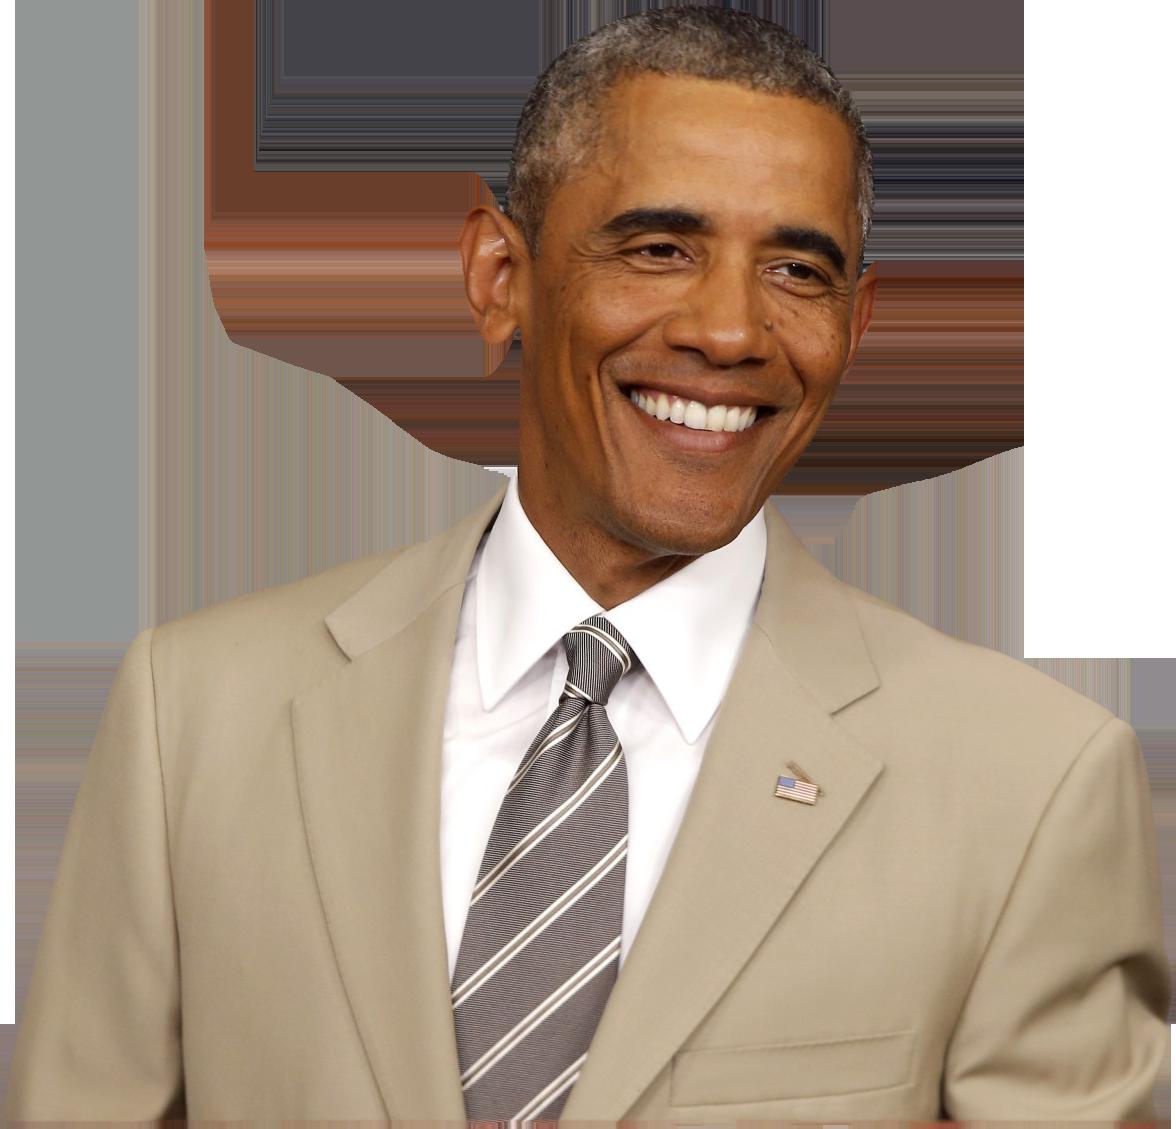 Barack Obama Png Images Free Download